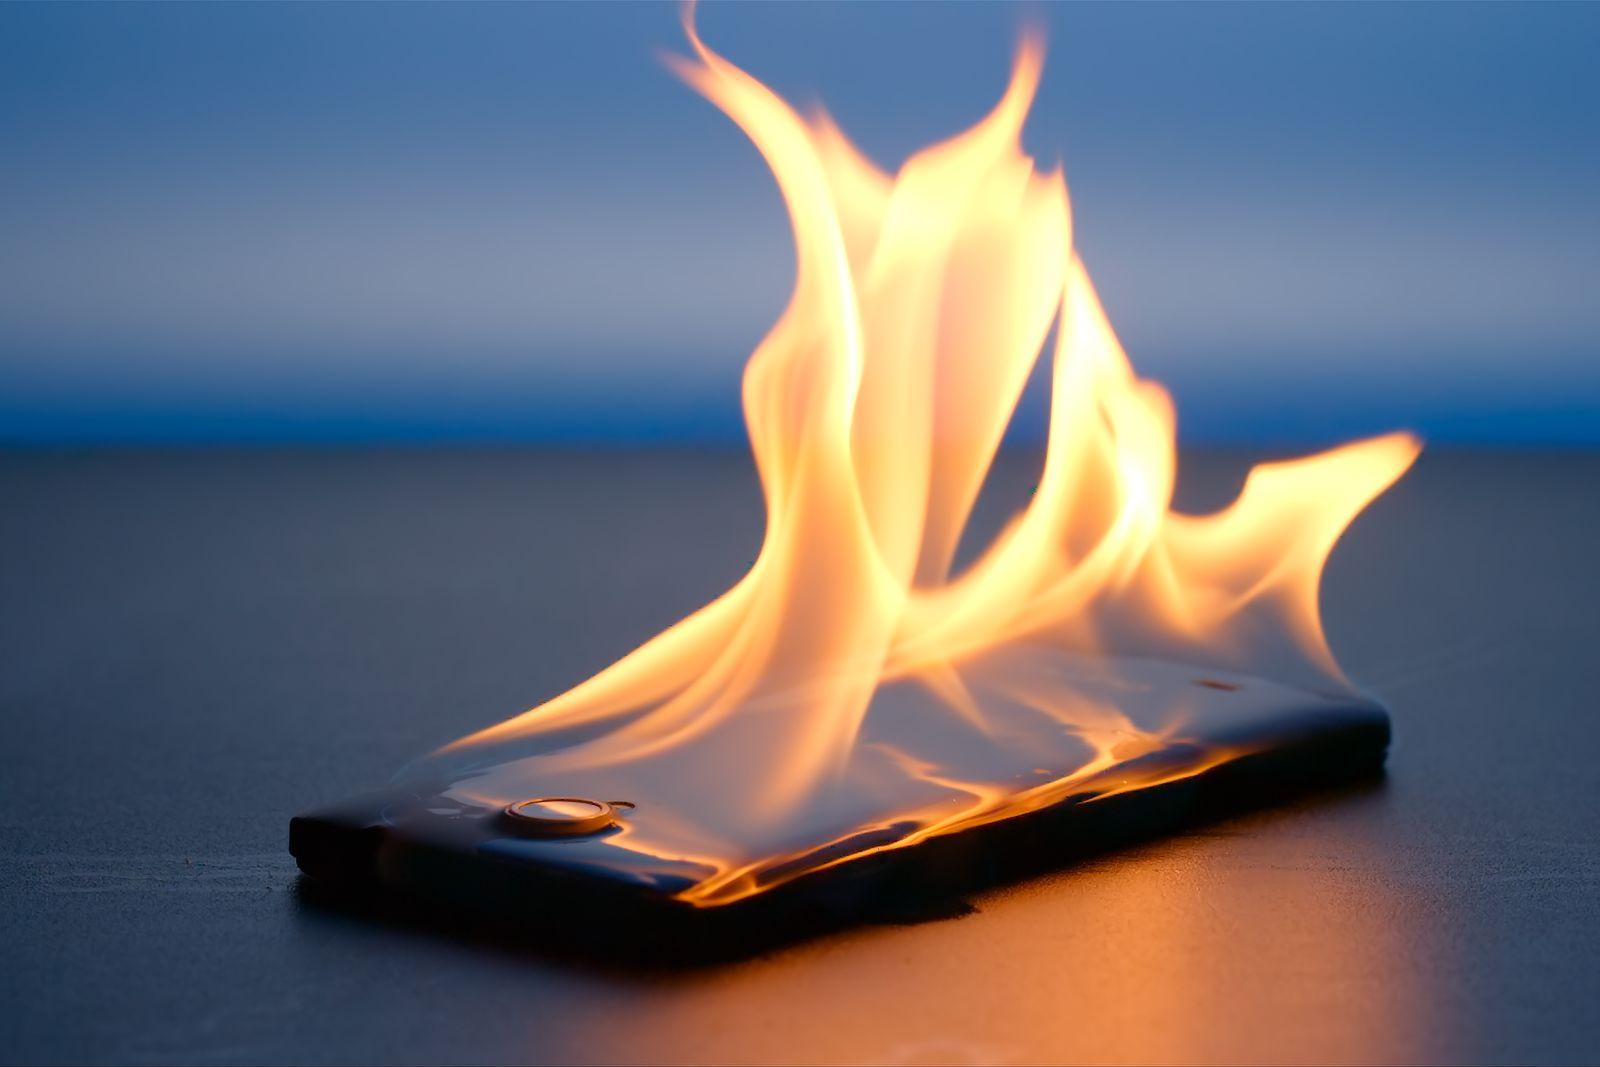 61932538-smartphone-pametni-telefon-ljeto-vatra